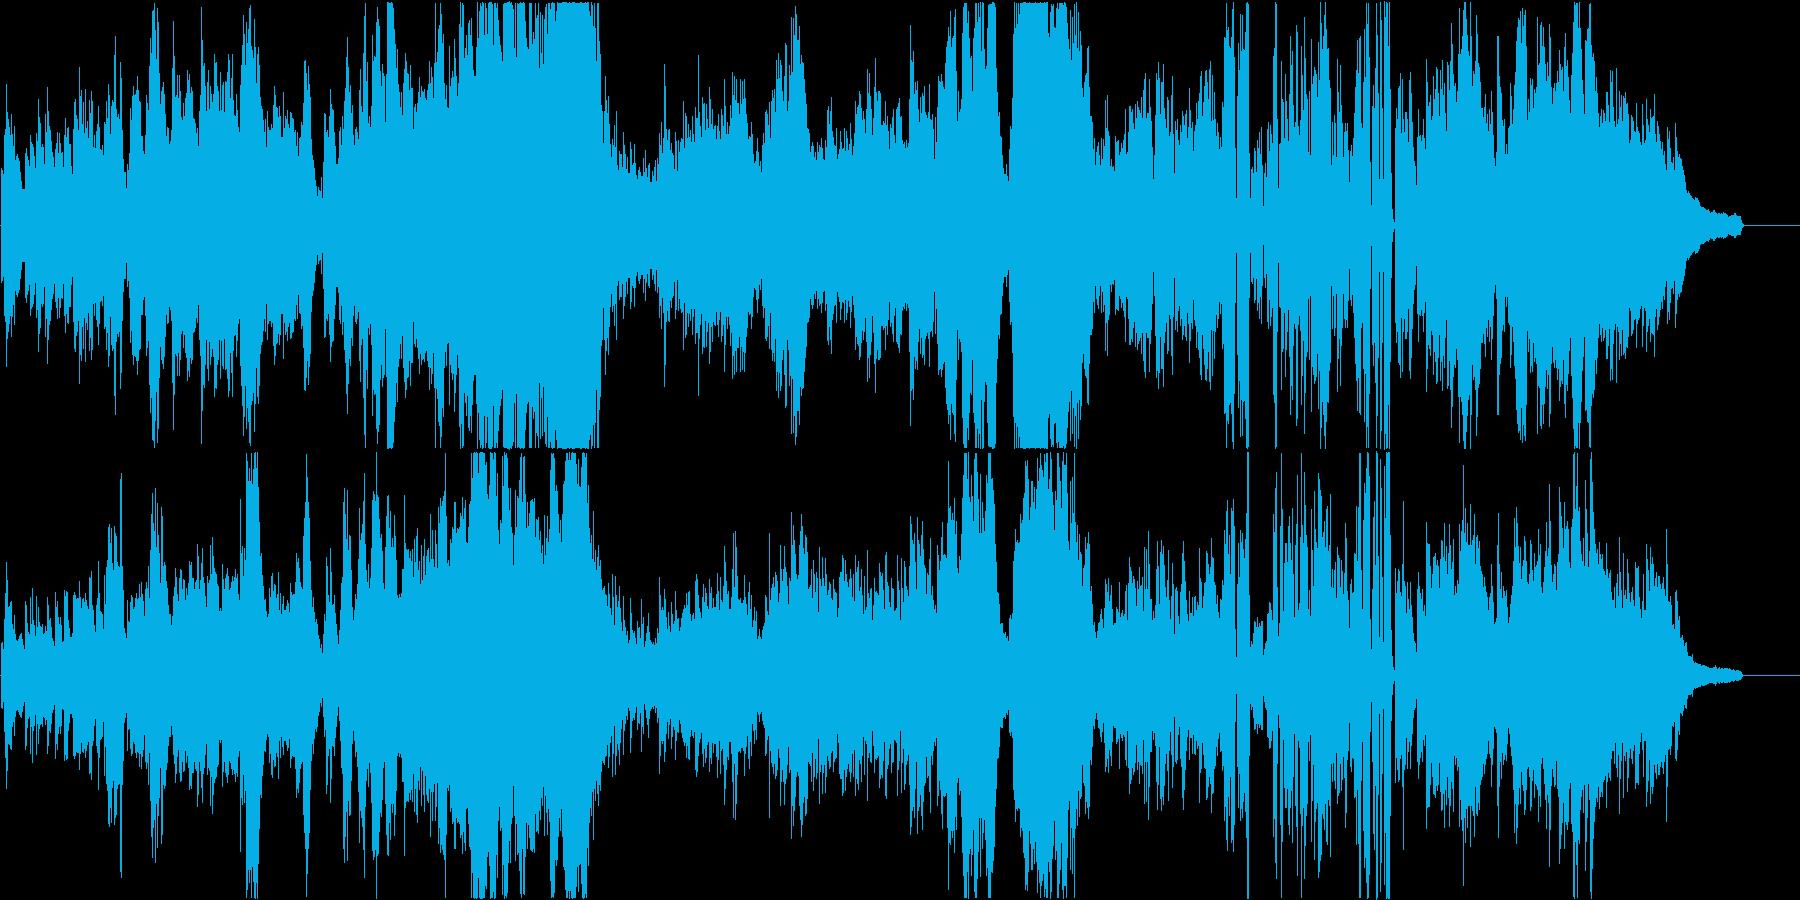 木星をイメージした優美壮大なピアノソロ曲の再生済みの波形